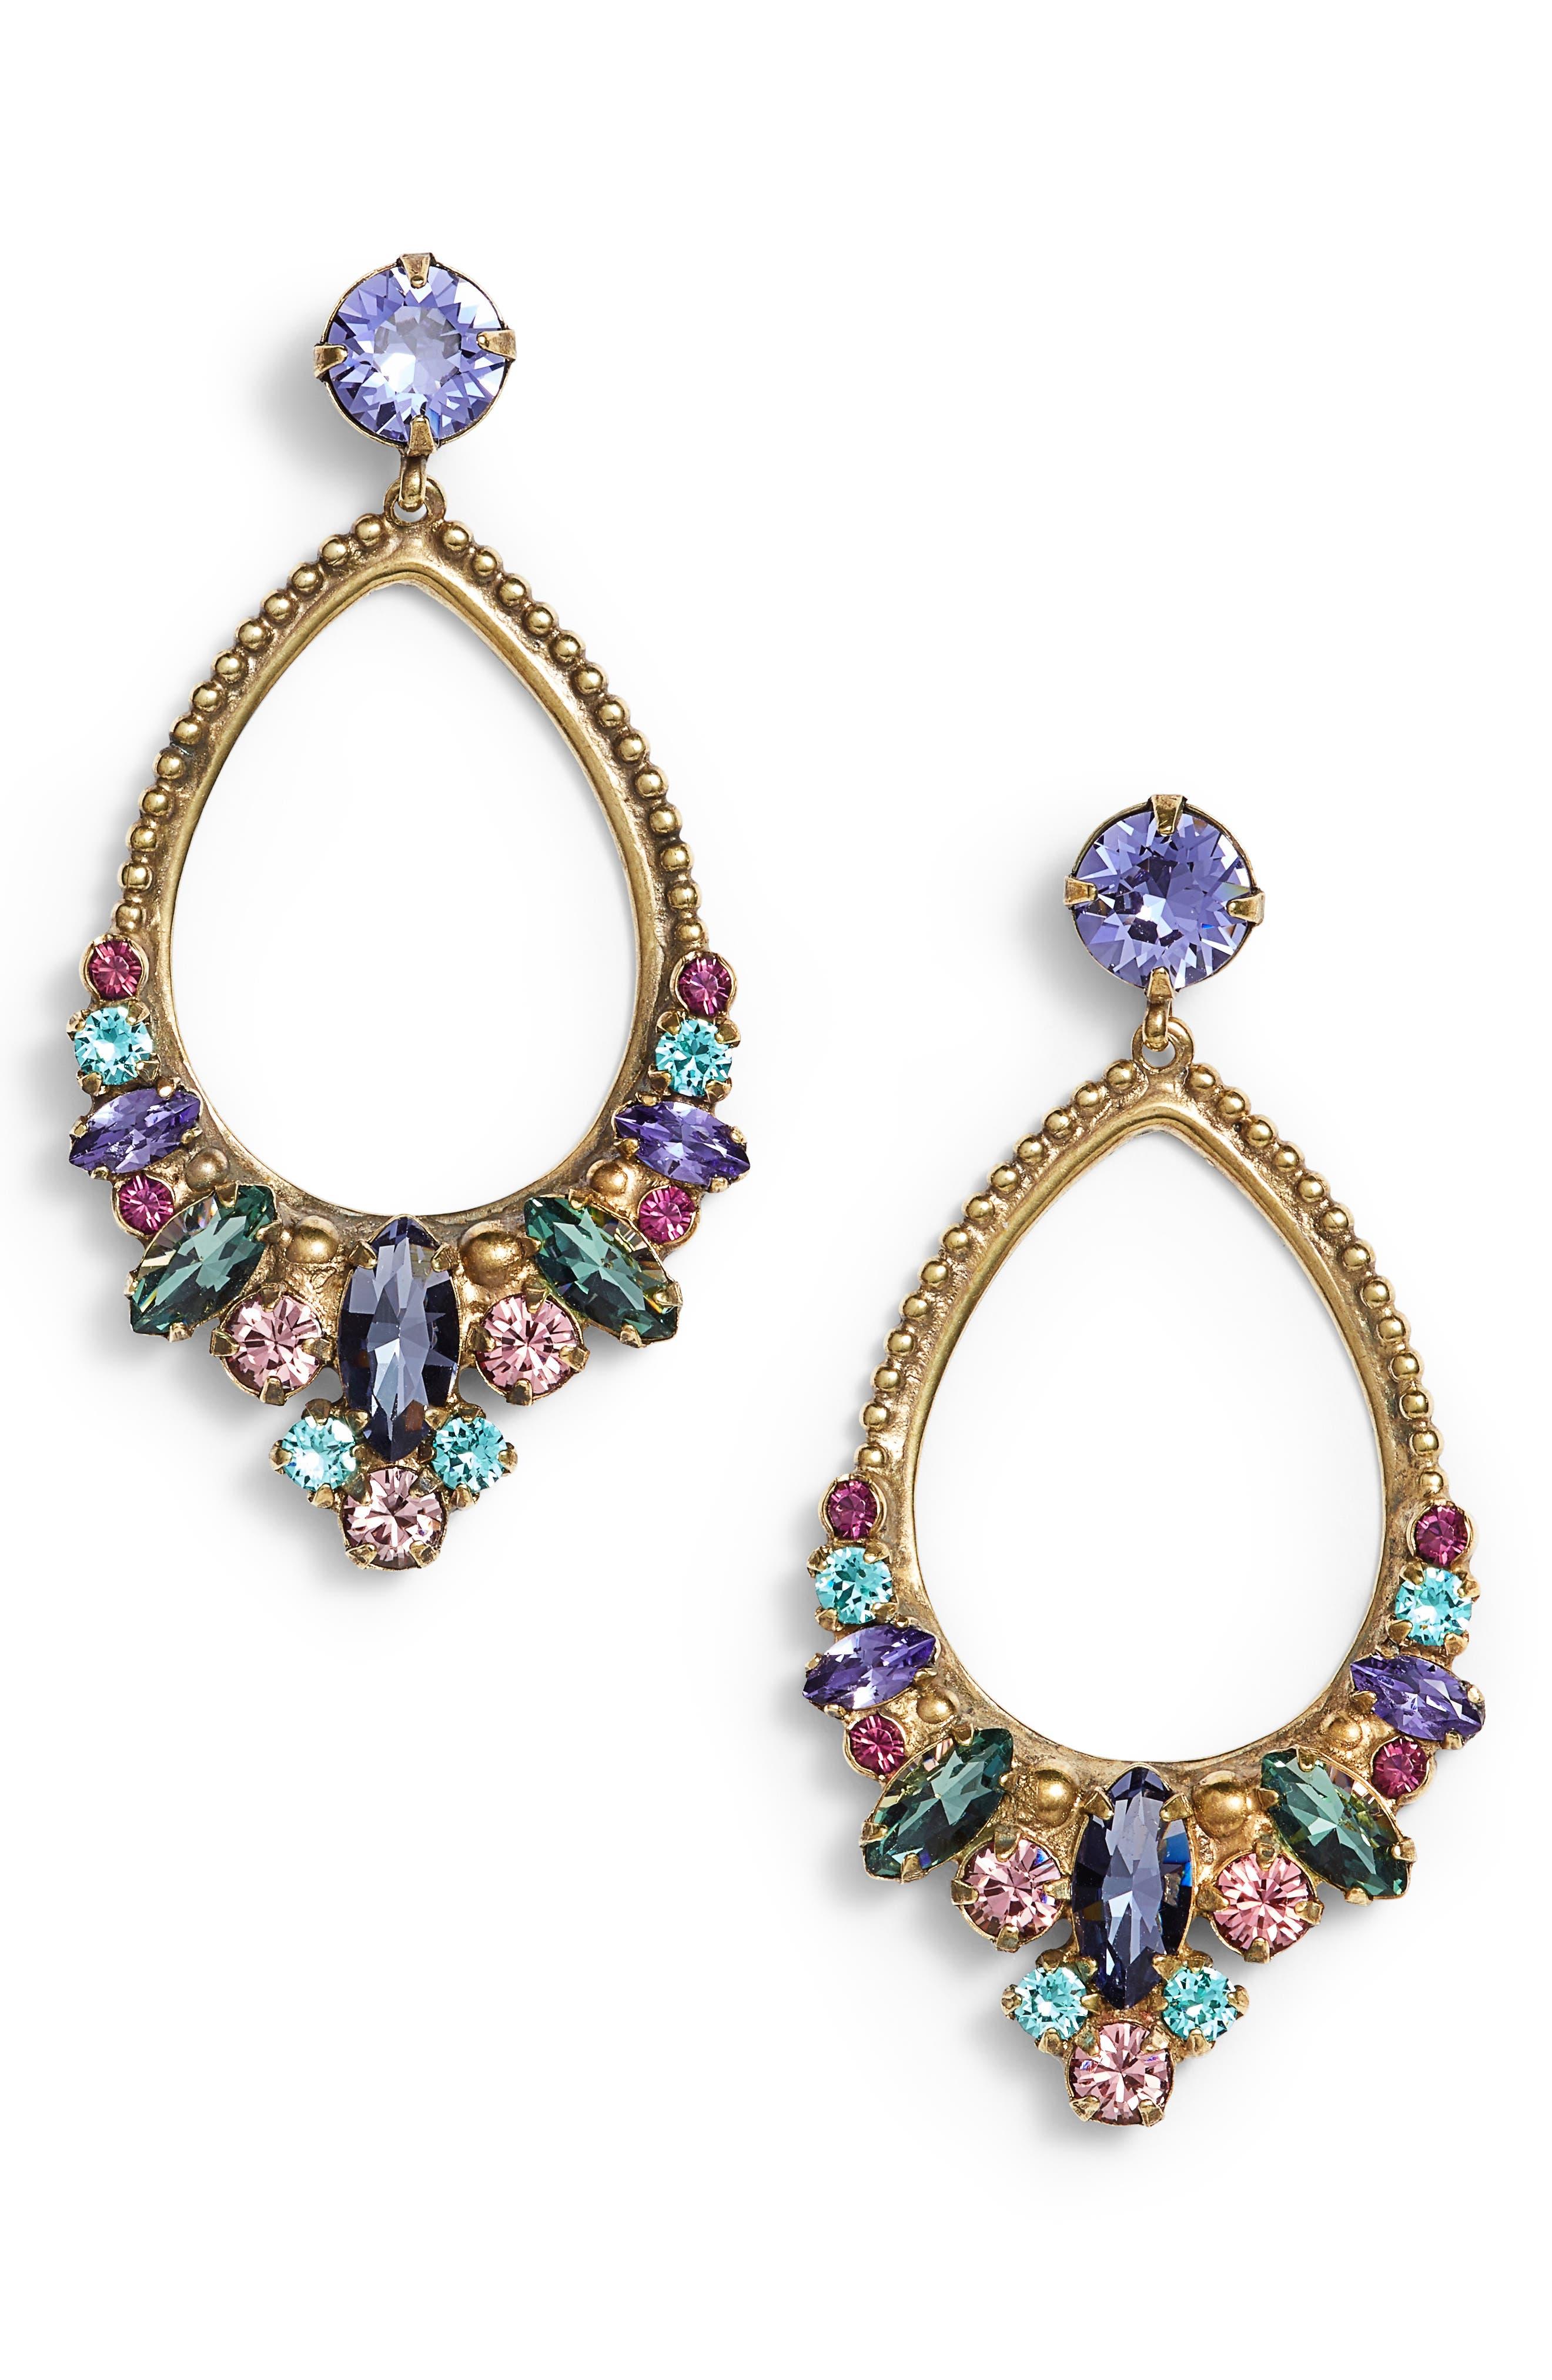 Noveau Navette Crystal Drop Earrings,                             Main thumbnail 1, color,                             Multi